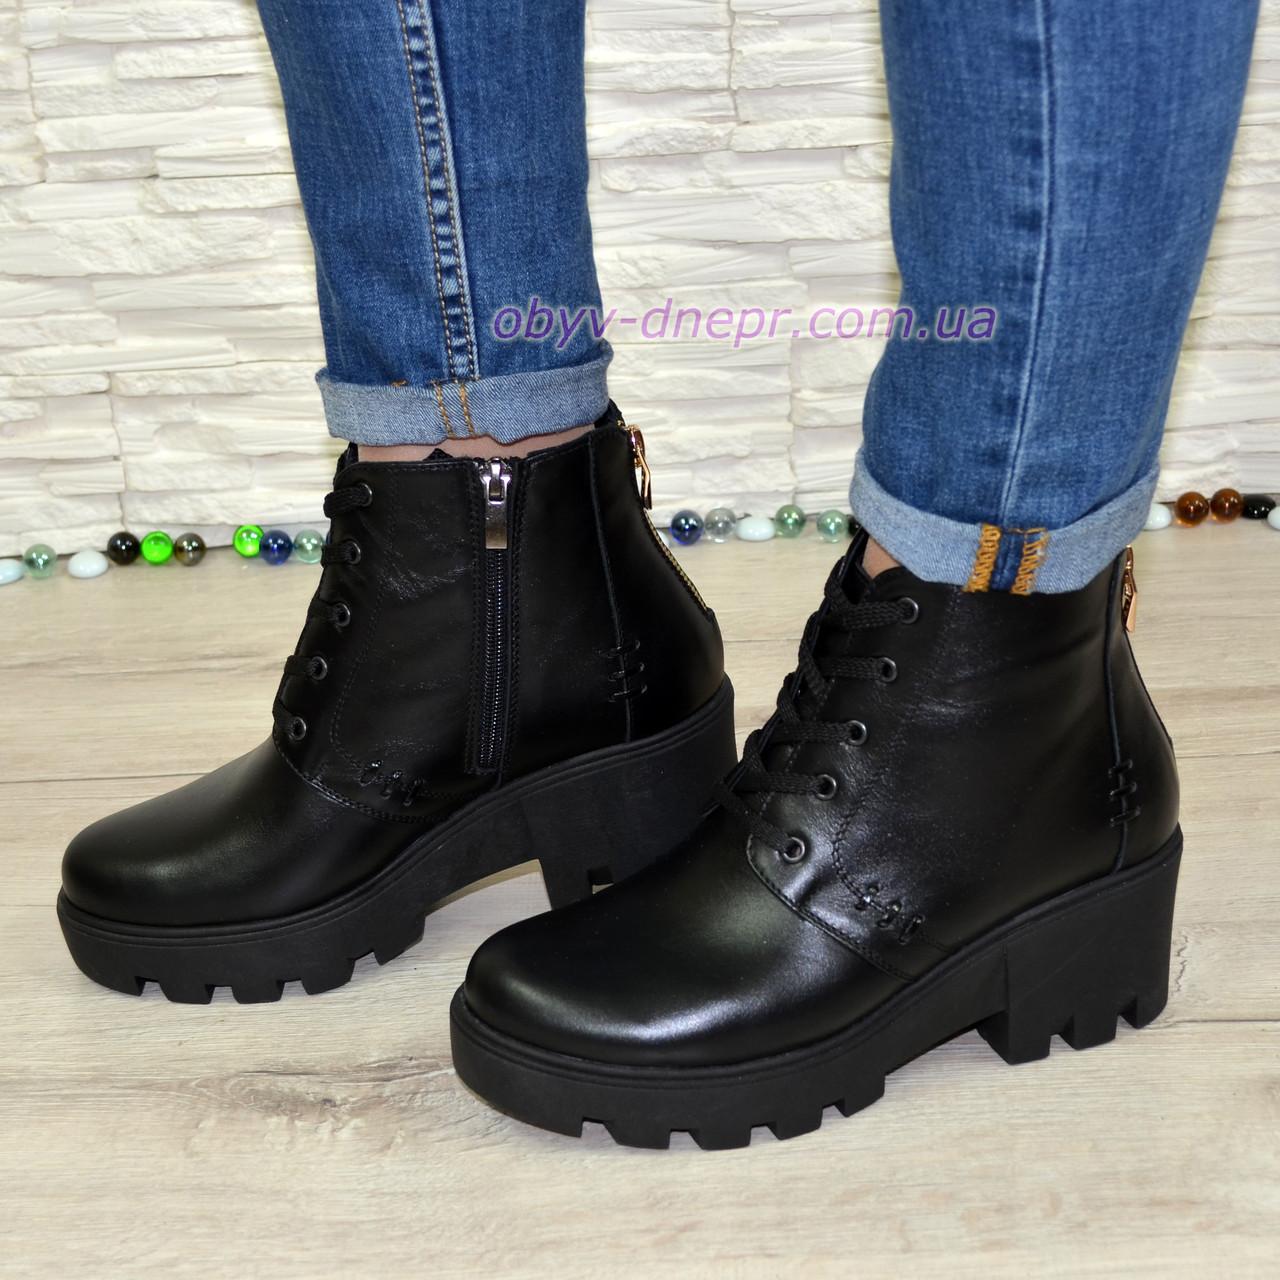 fd46cf29 Женские зимние кожаные ботинки на шнуровке, черный цвет.: продажа ...